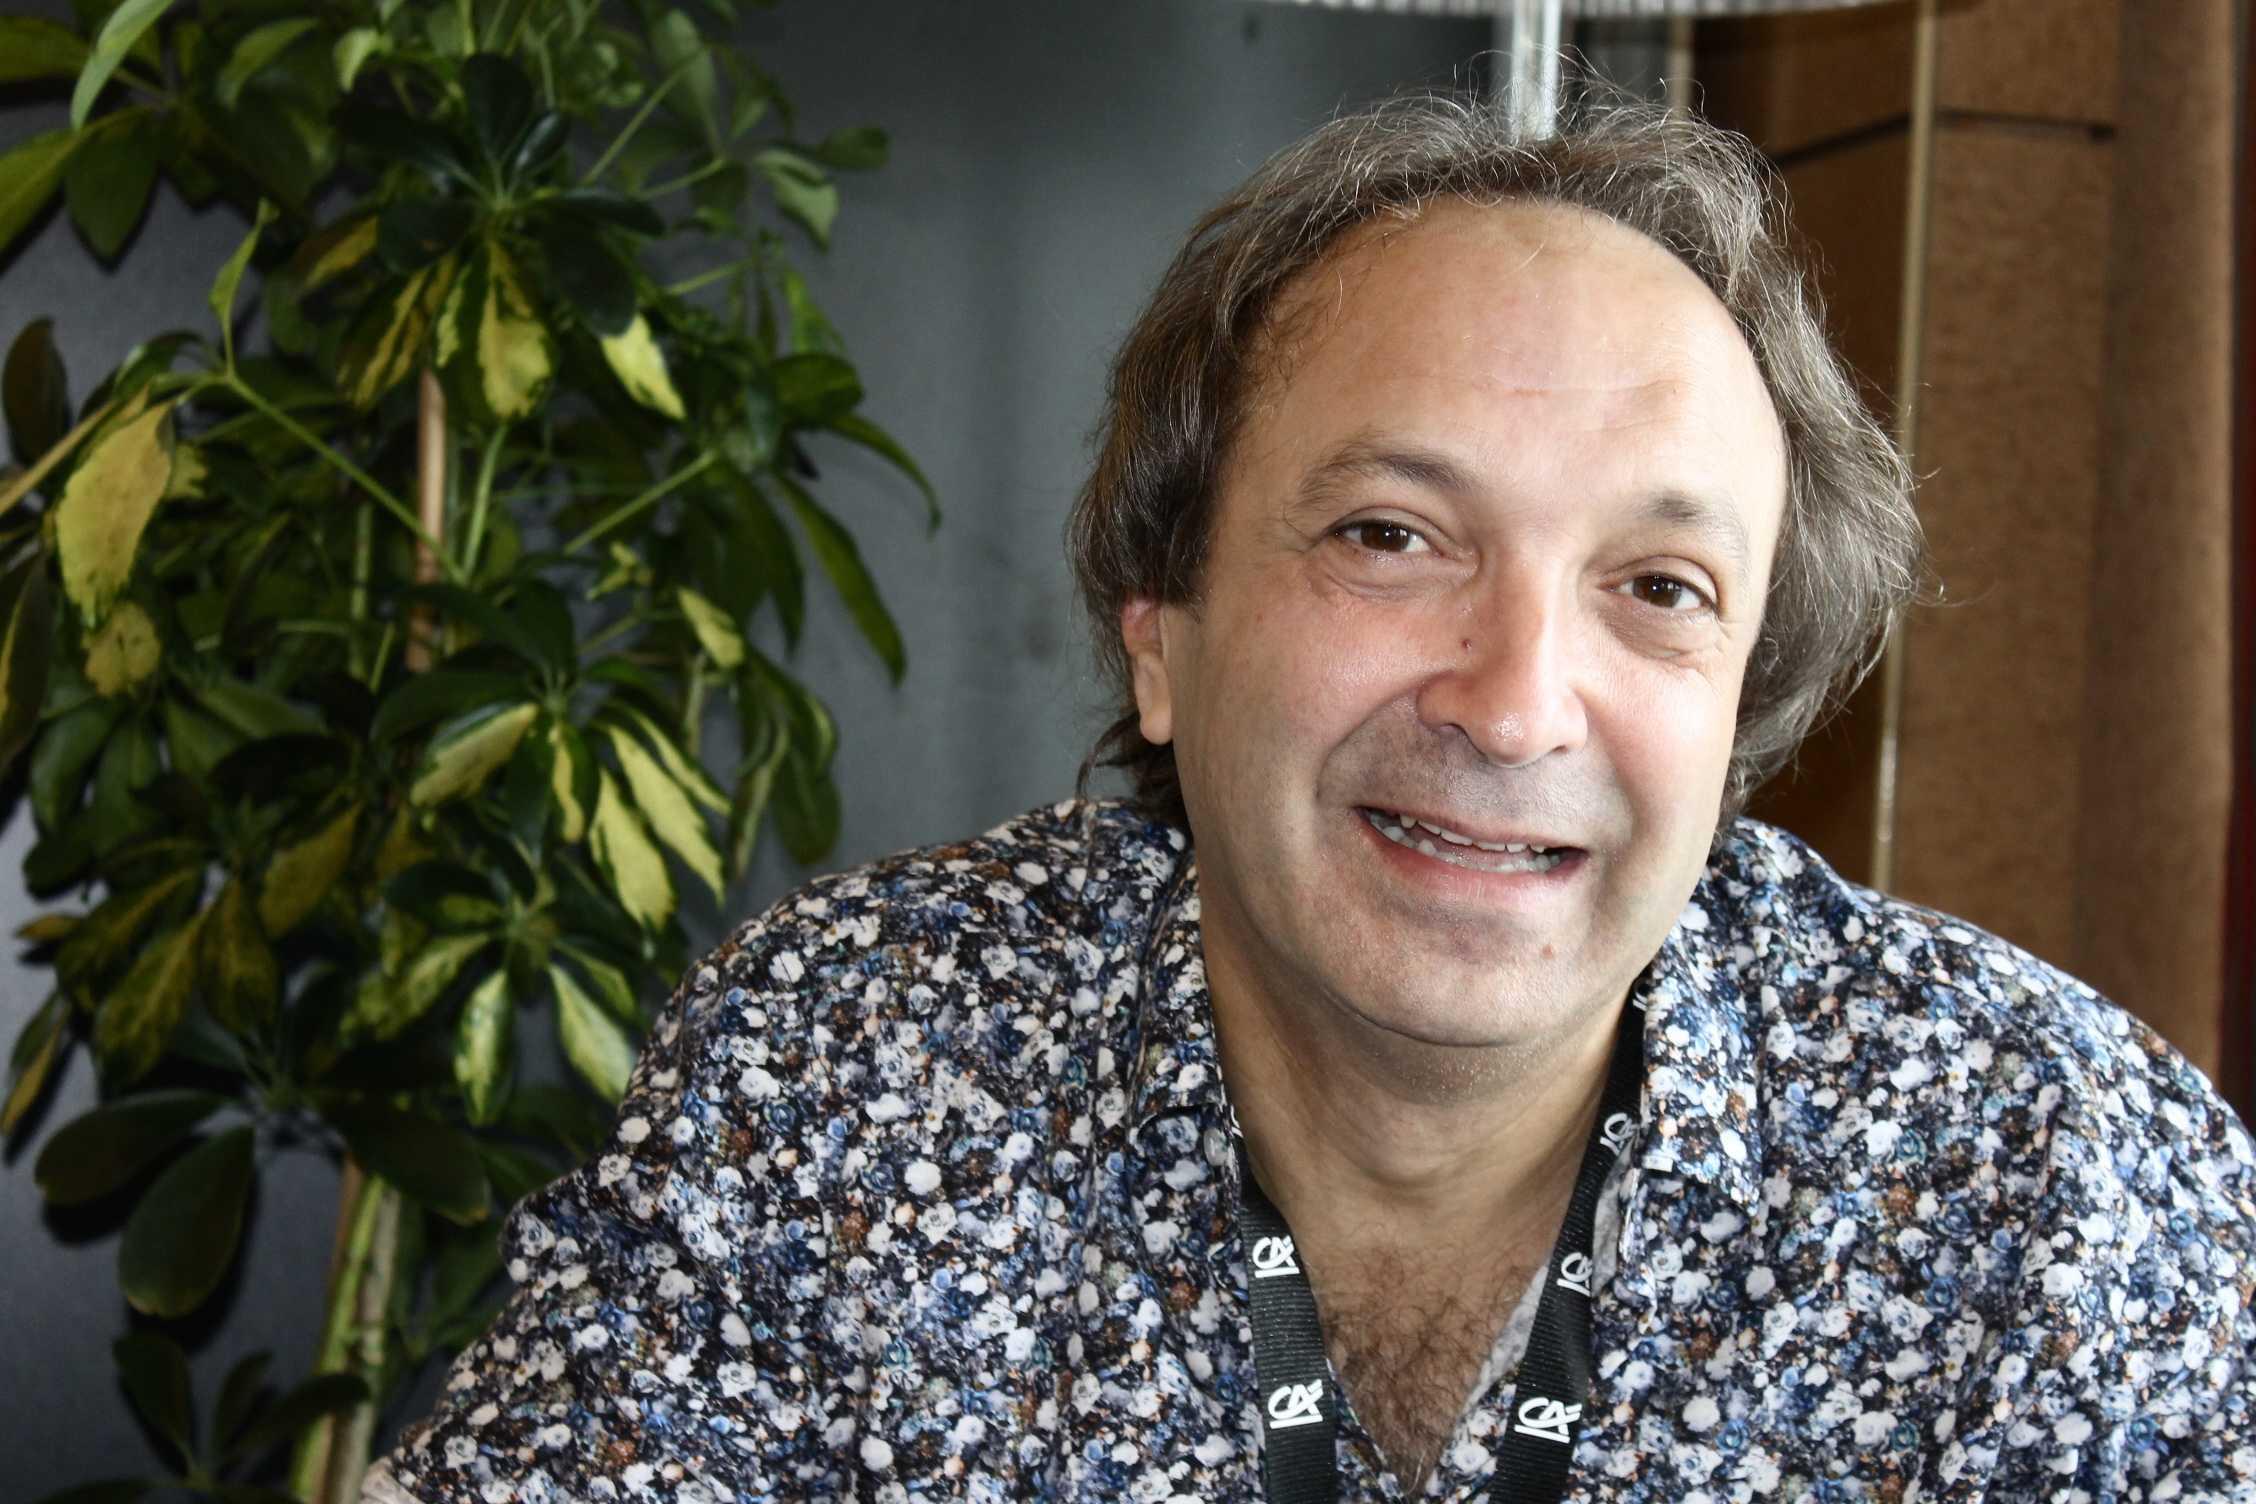 """Interview : Pour Émile Bravo, avec Spirou, l'espoir malgré tout, """"le pire ce ne sont pas les autres, c'est nous"""""""